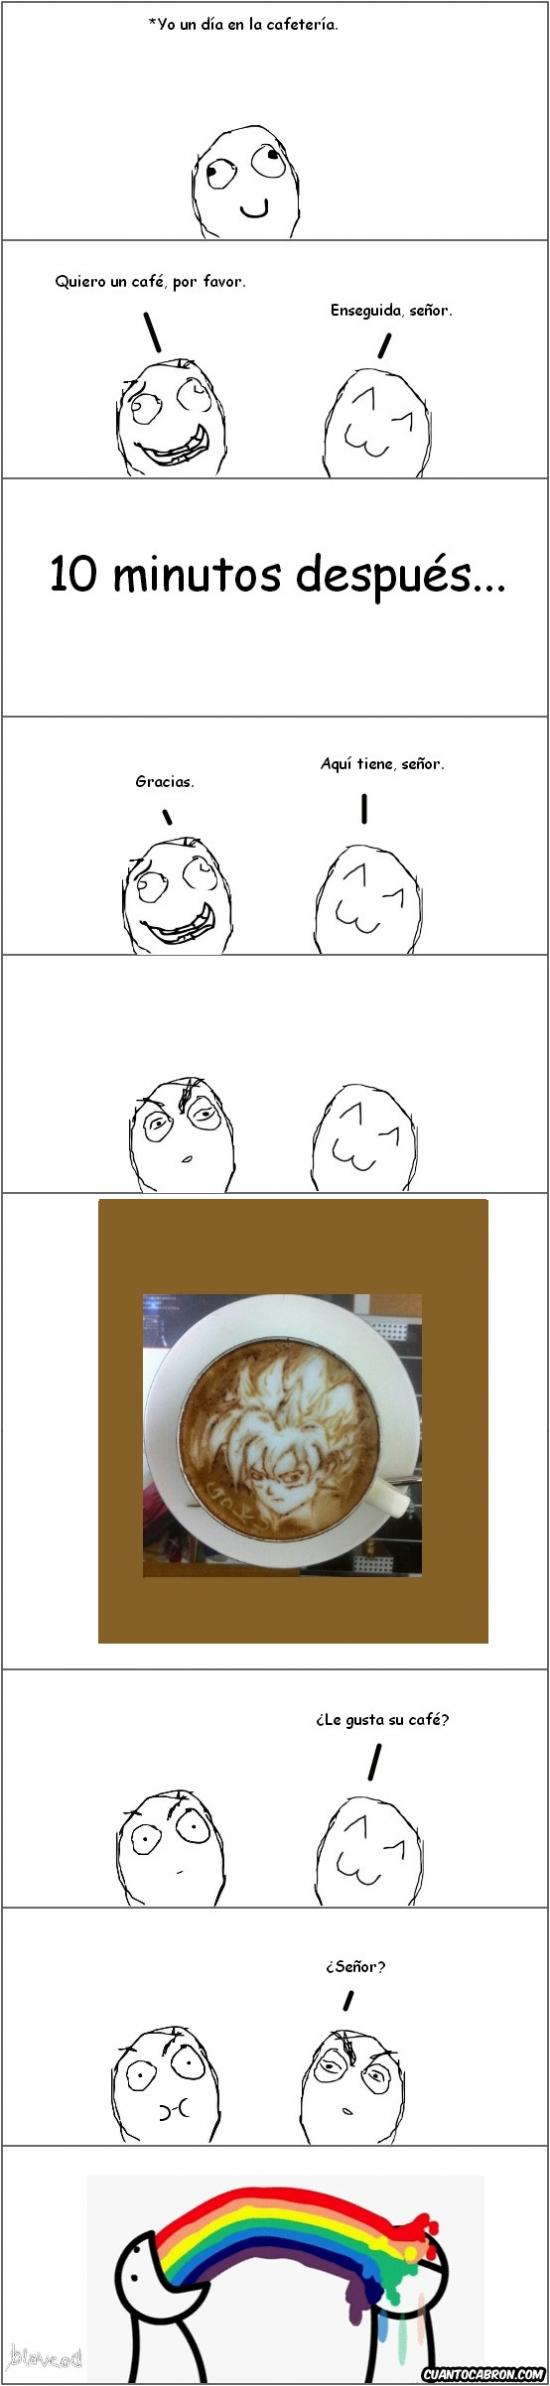 Puke_rainbows - La mejor cafetería del mundo